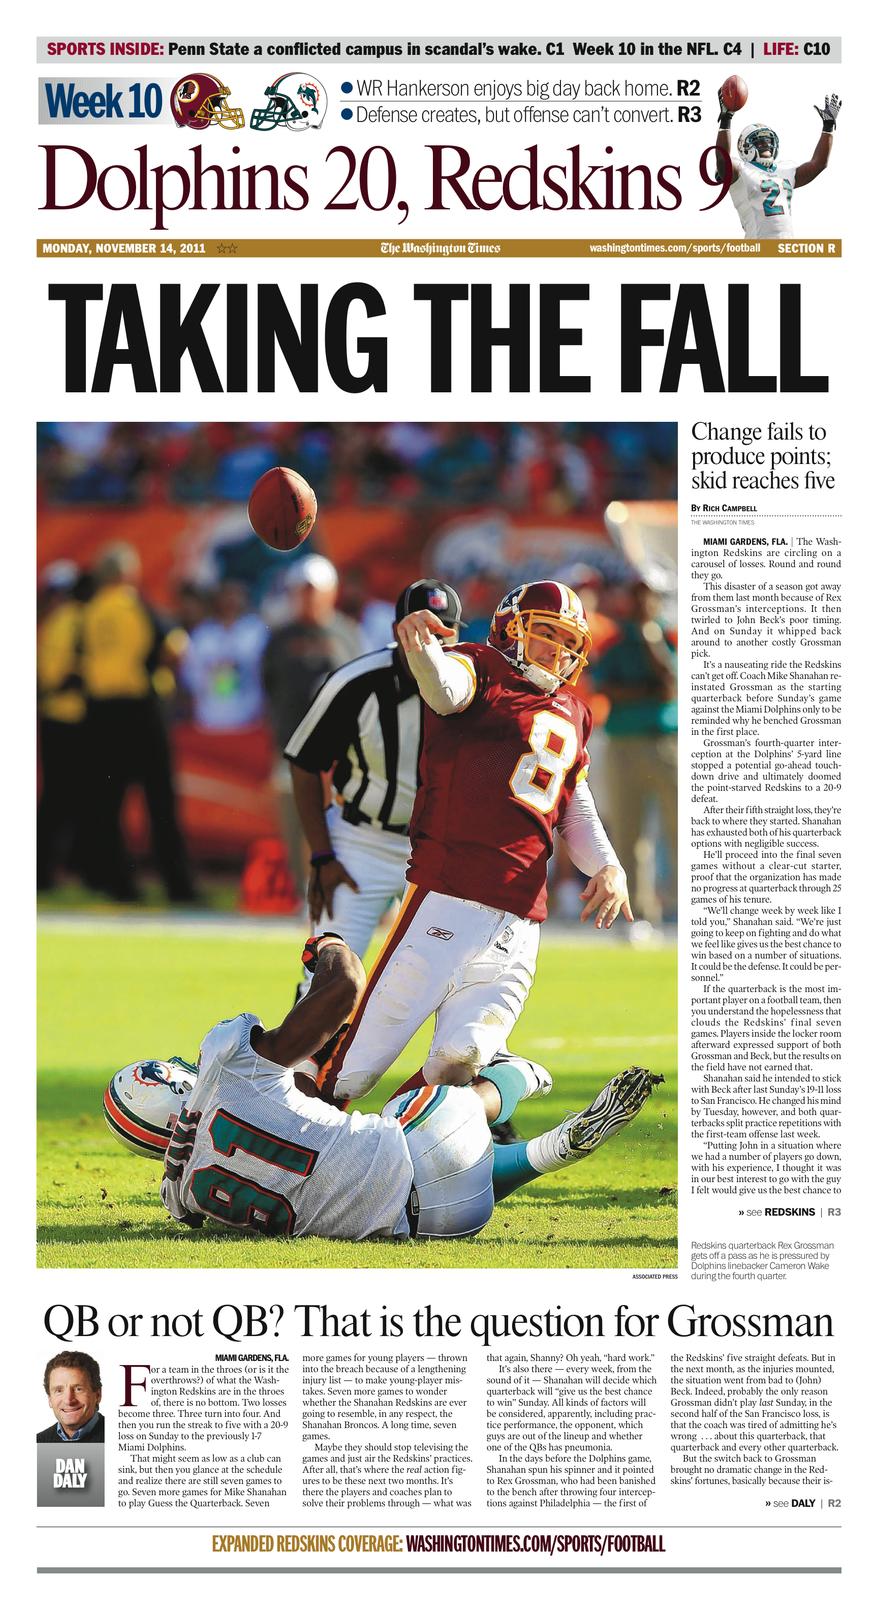 Week 10: Dolphins 20, Redskins 9